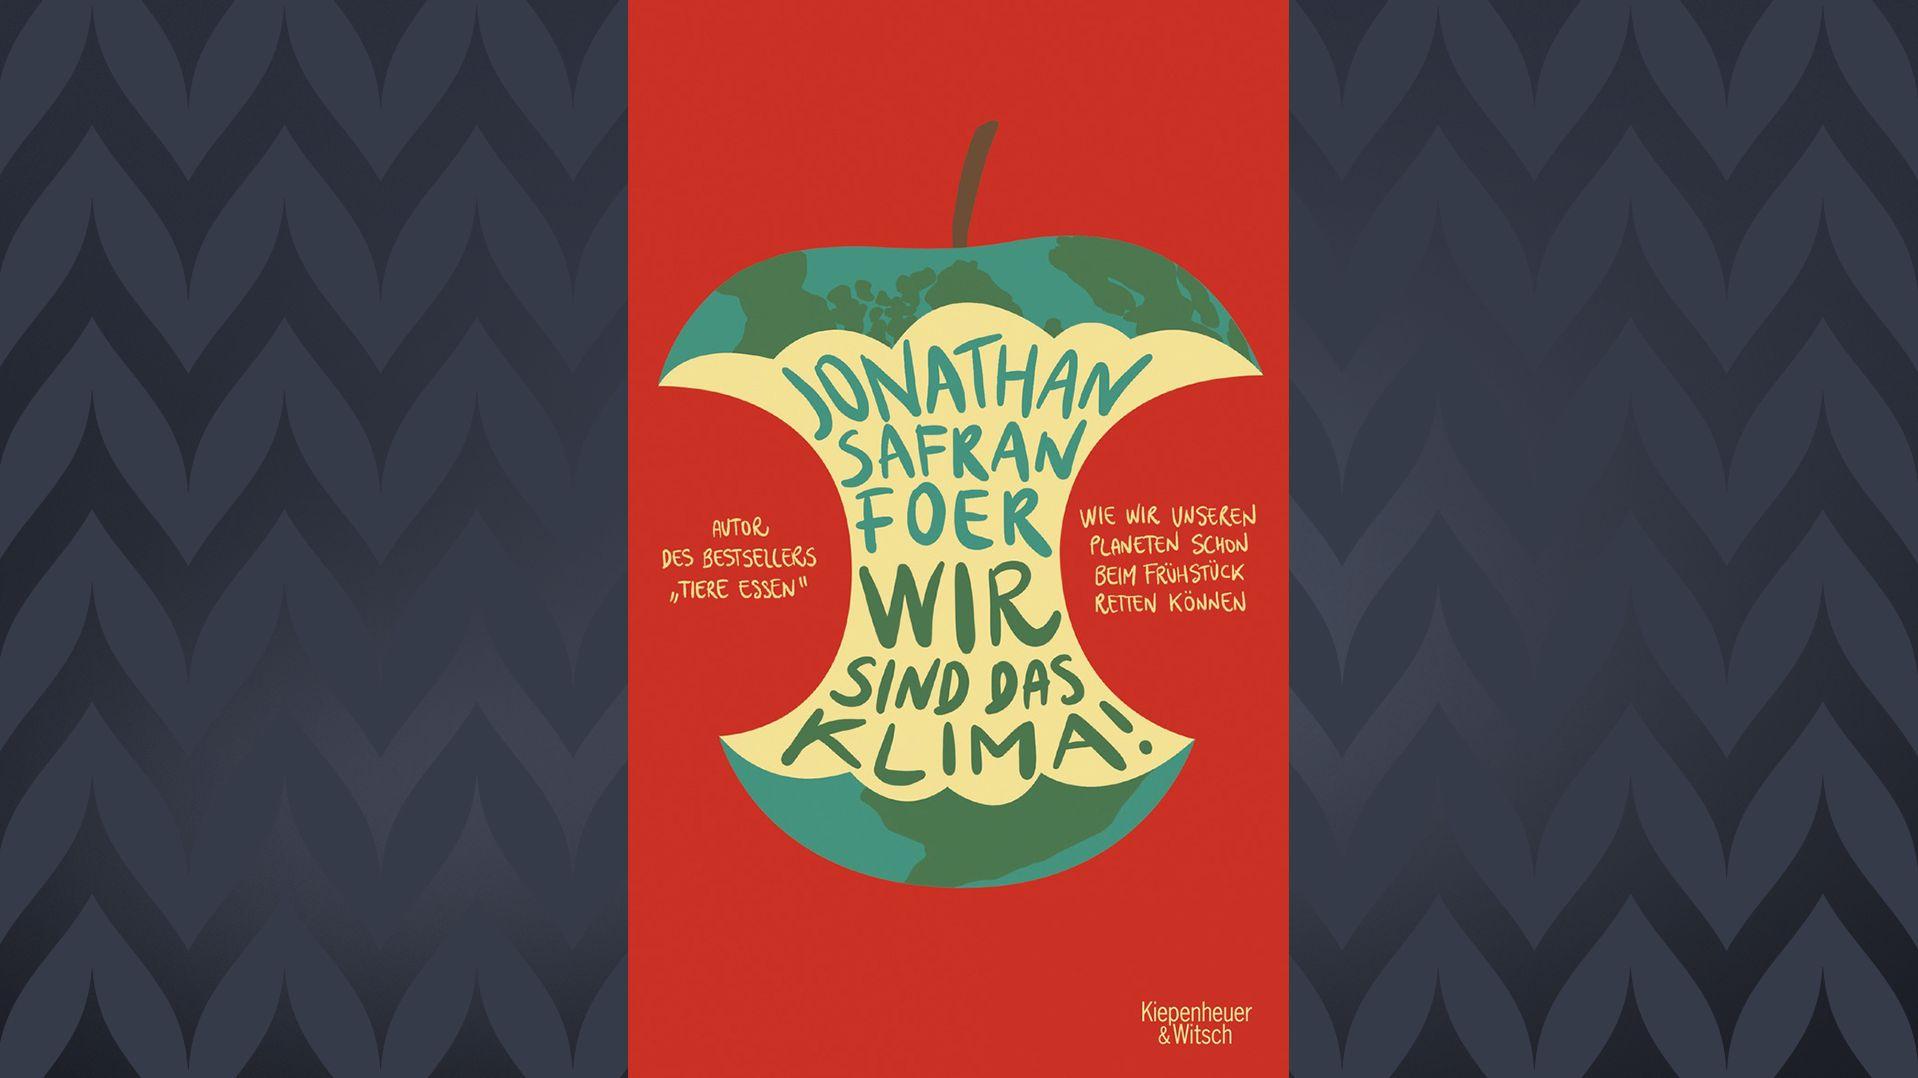 """Auf dem roten Buchcover von Jonathan Safran Foers """"Wir sind das Klima!"""" ist ein Apfelbutzen mit dem Aufdruck der Welt zu sehen"""